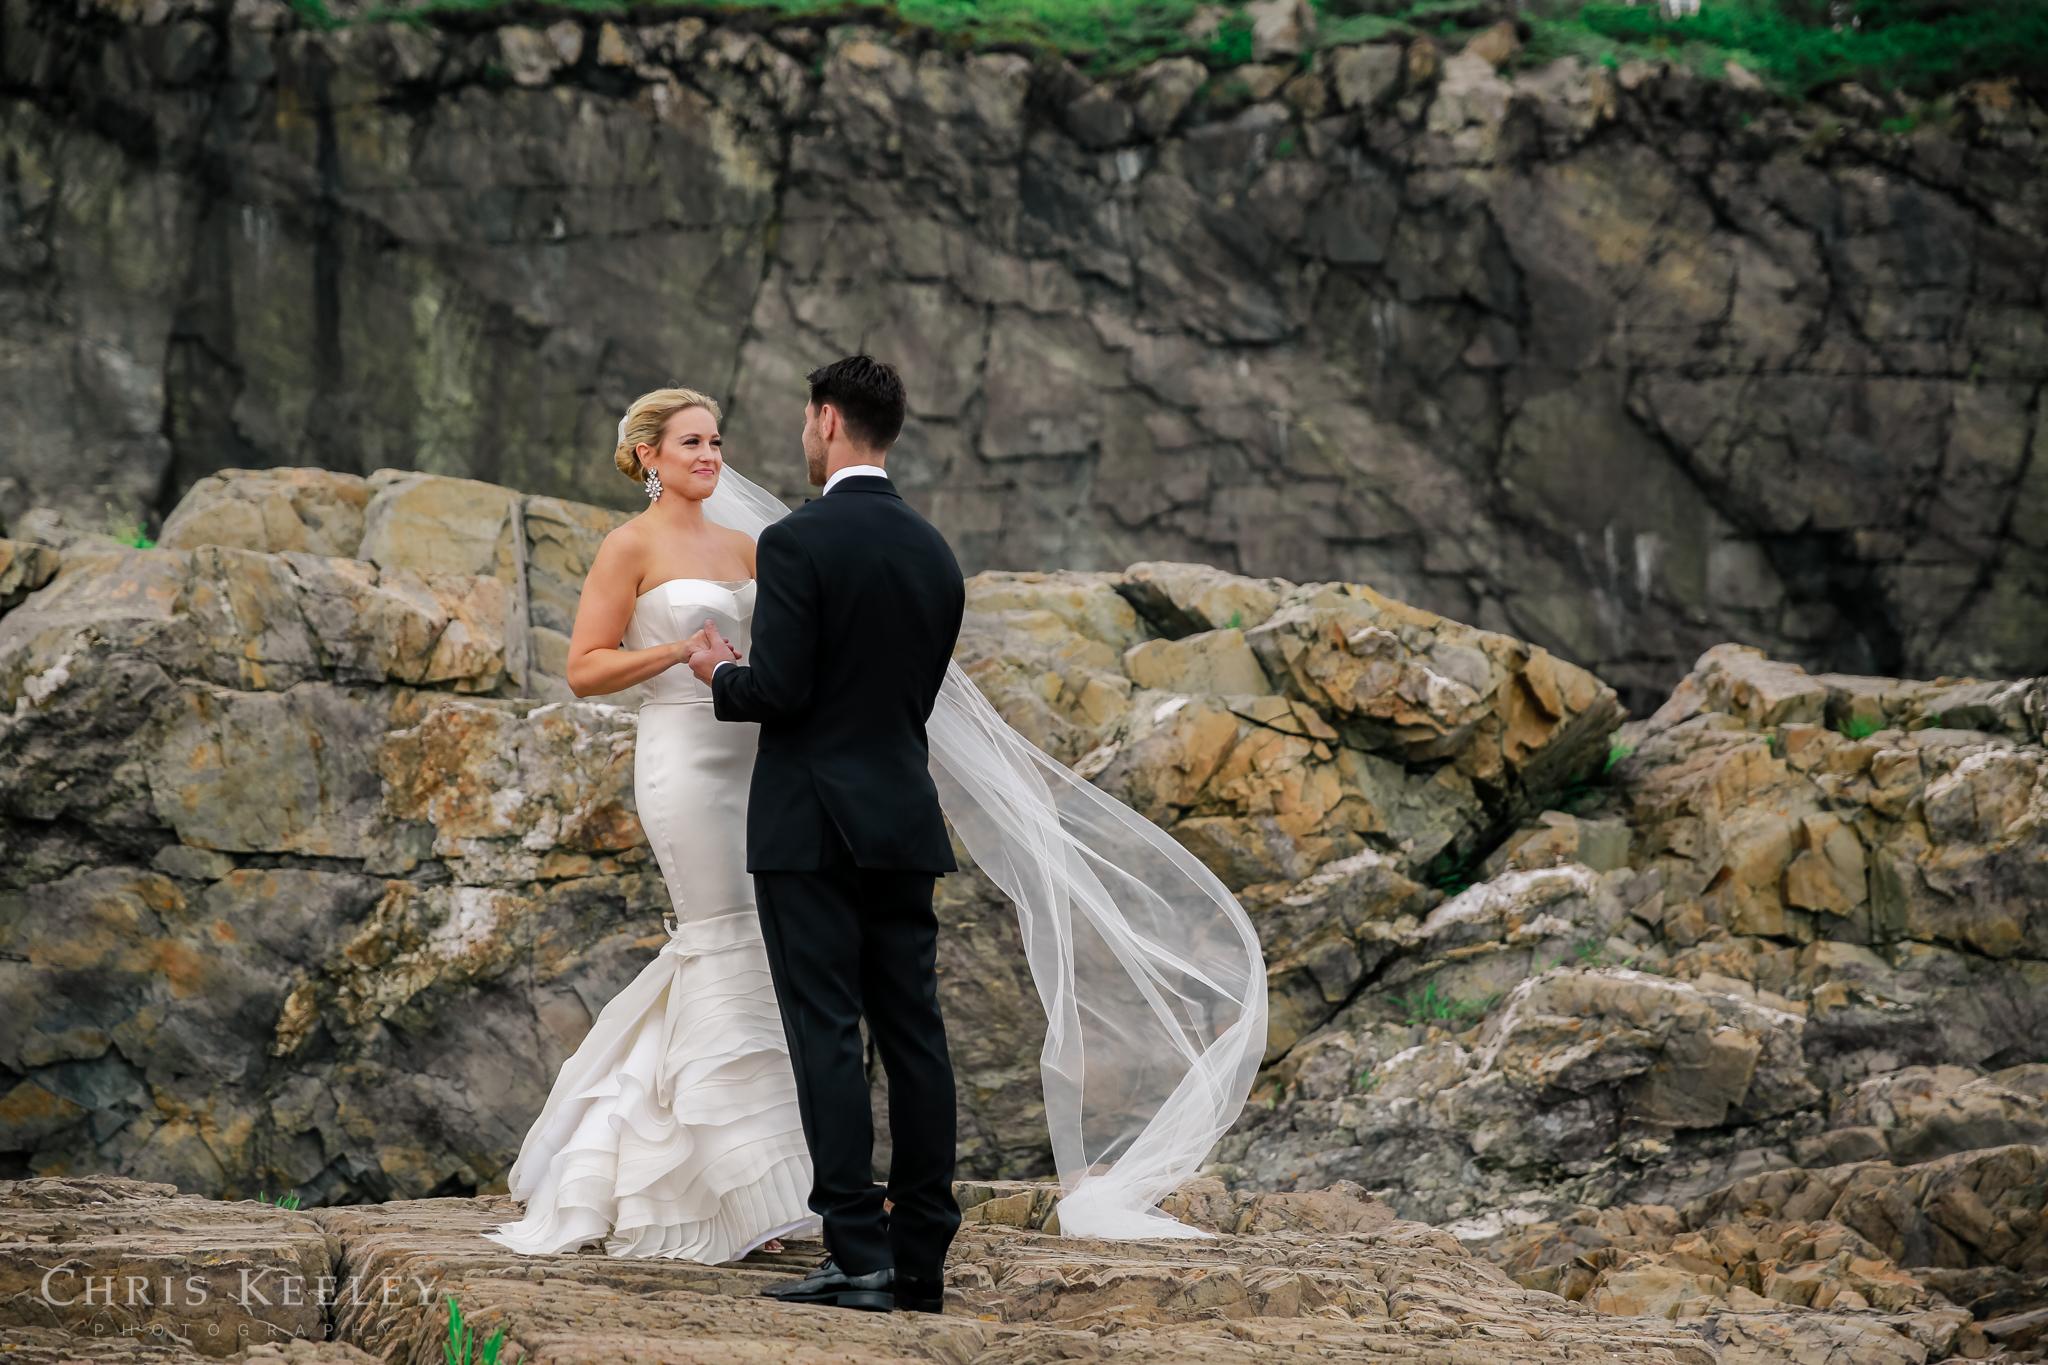 cliff-house-maine-wedding-photographer-chris-keeley-32.jpg